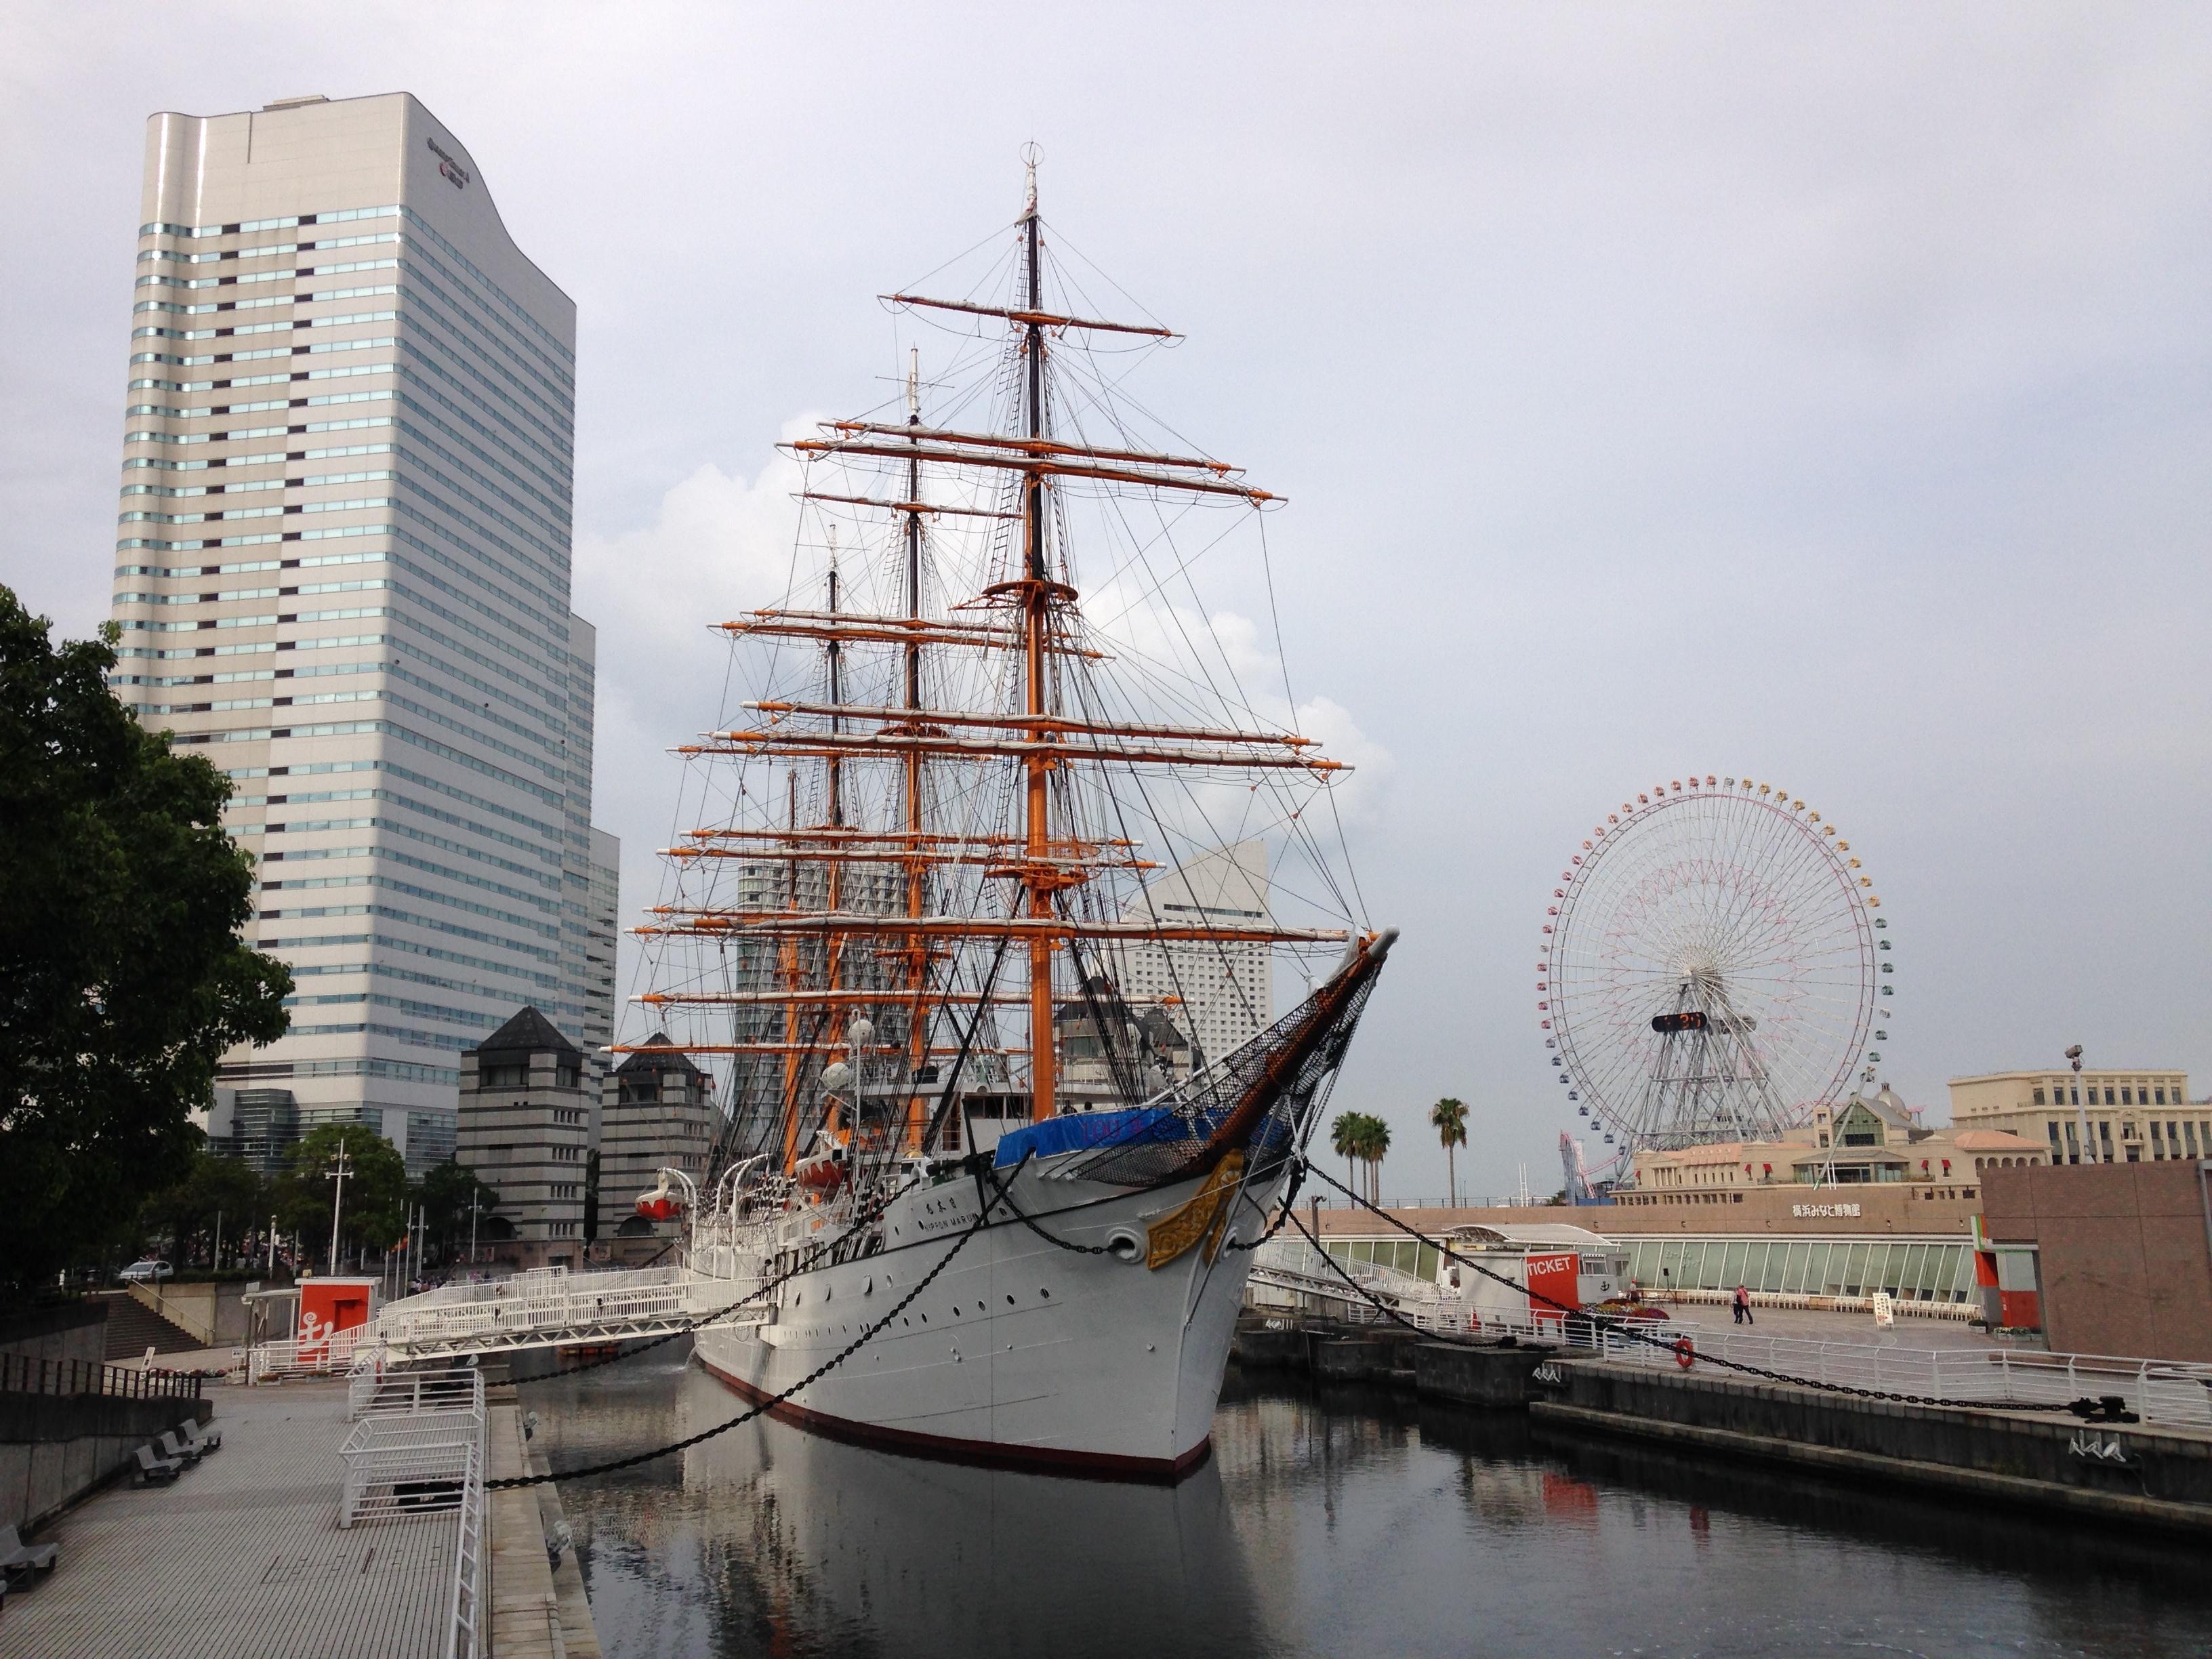 """横浜での撮影サンプル。少々曇り空だったため、全体に暗め。空のノイズ感・木立の再現度・マストの色彩感などに注目<br class="""""""">*無劣化での回転処理を施しています"""